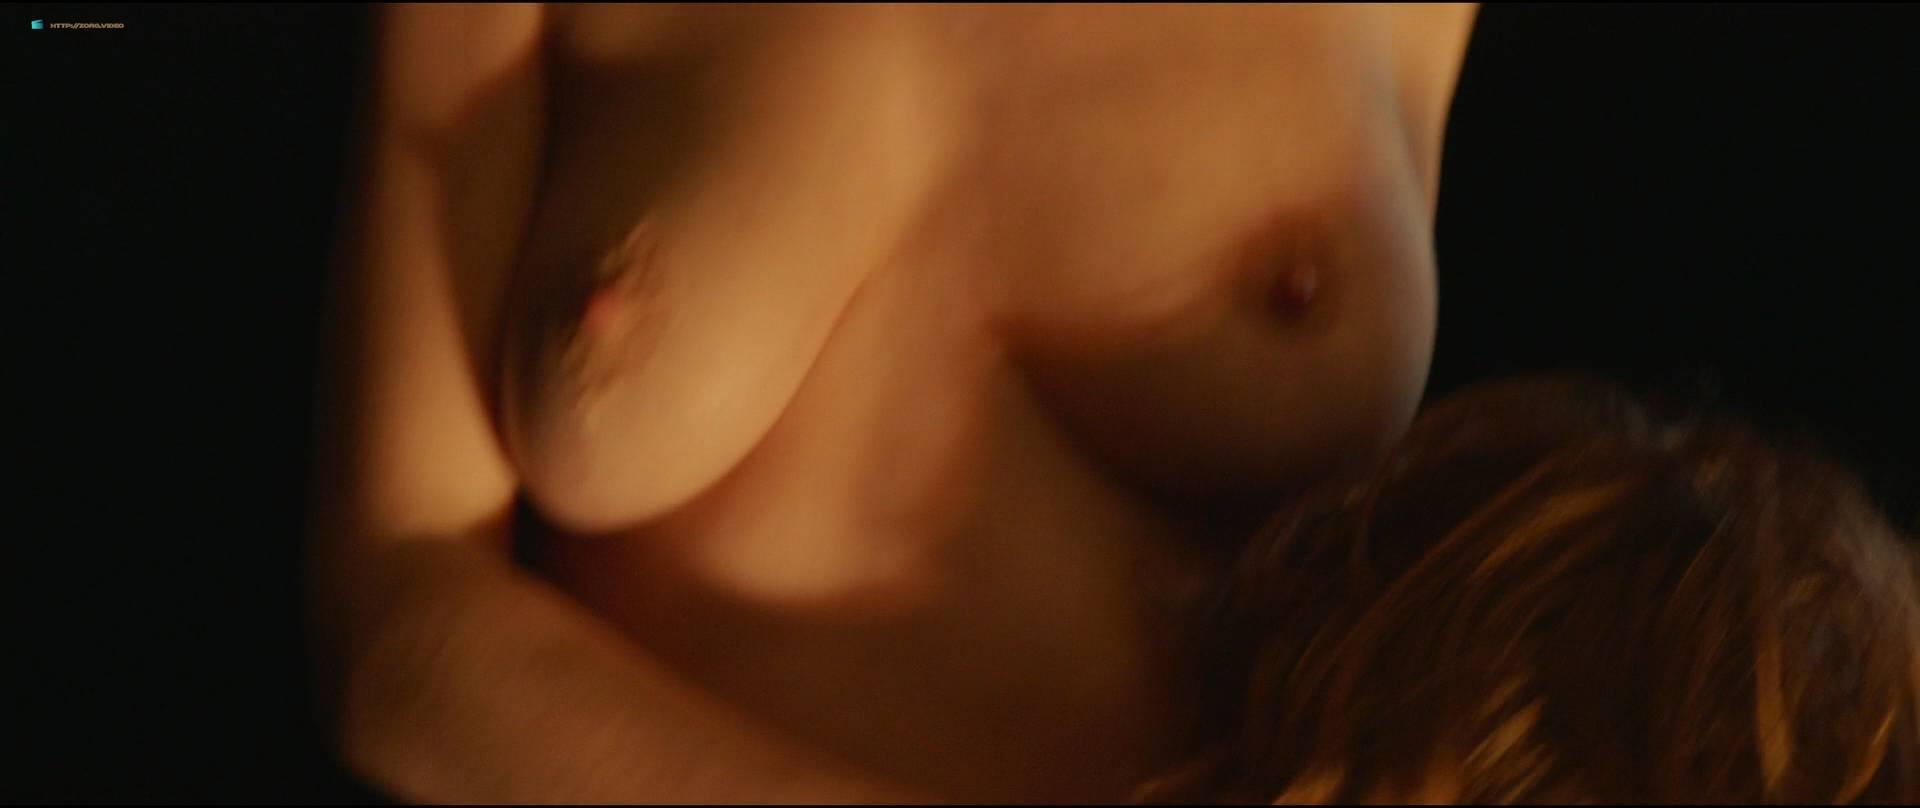 Sofie-Hoflack-nude-topless-and-hot-sex-Het-Tweede-Gelaat-BE-2017-HD-1080p-016.jpg